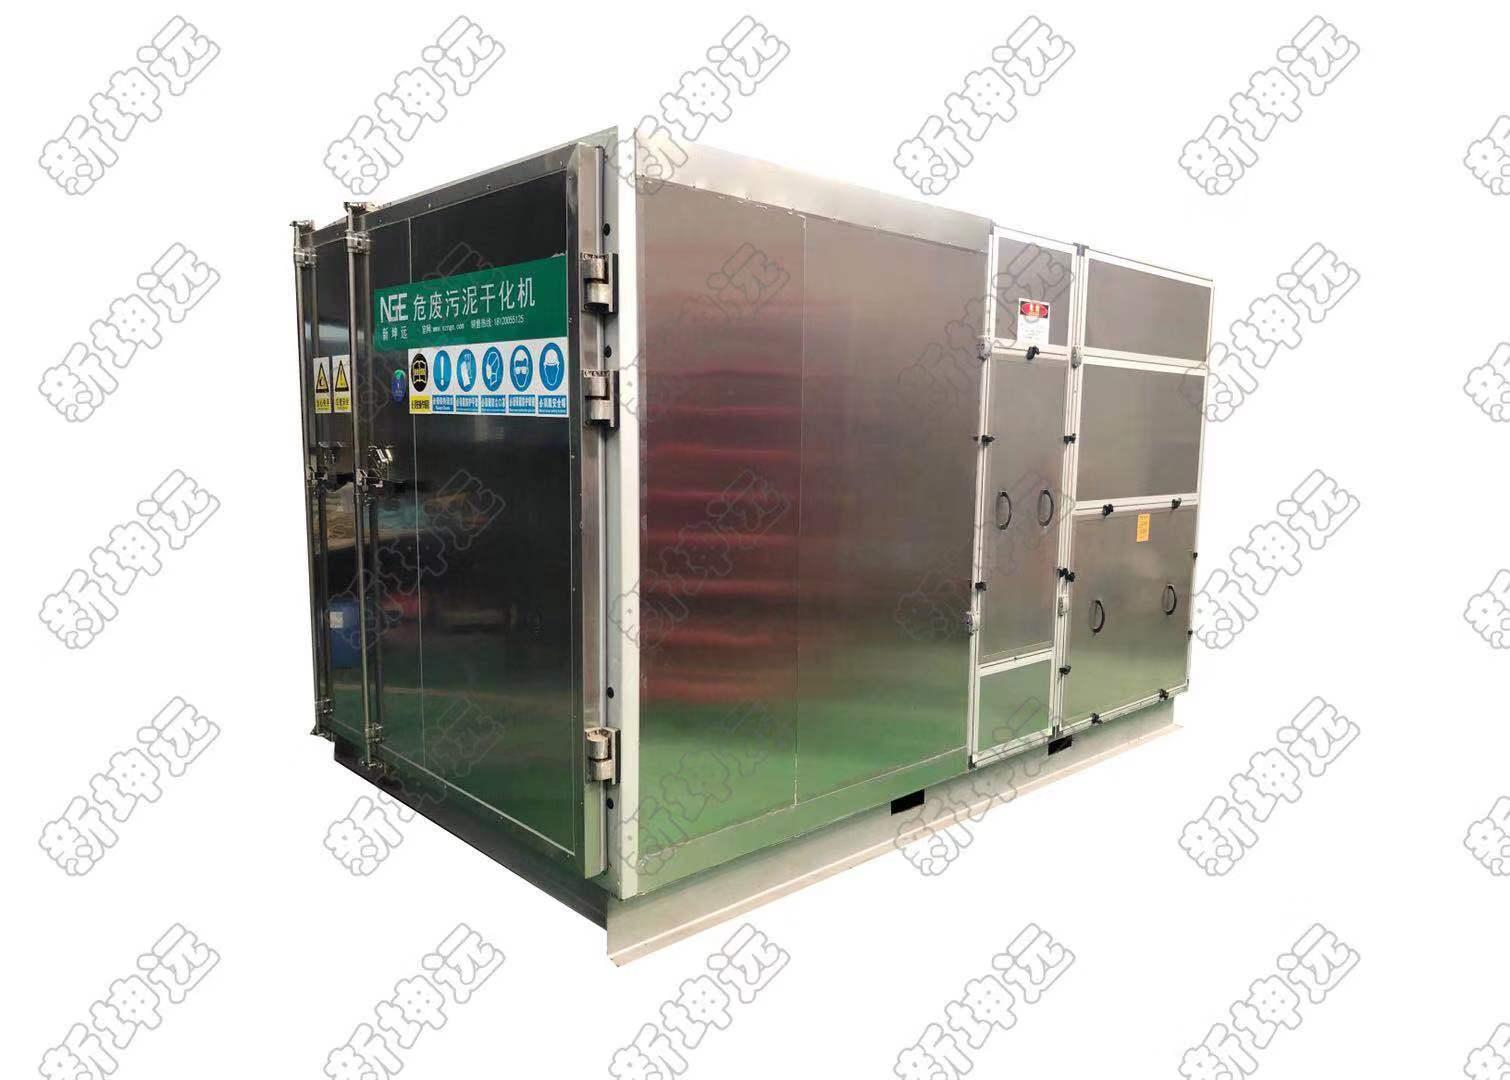 序批式箱体式低温热泵污泥干化机设备_苏州新坤远